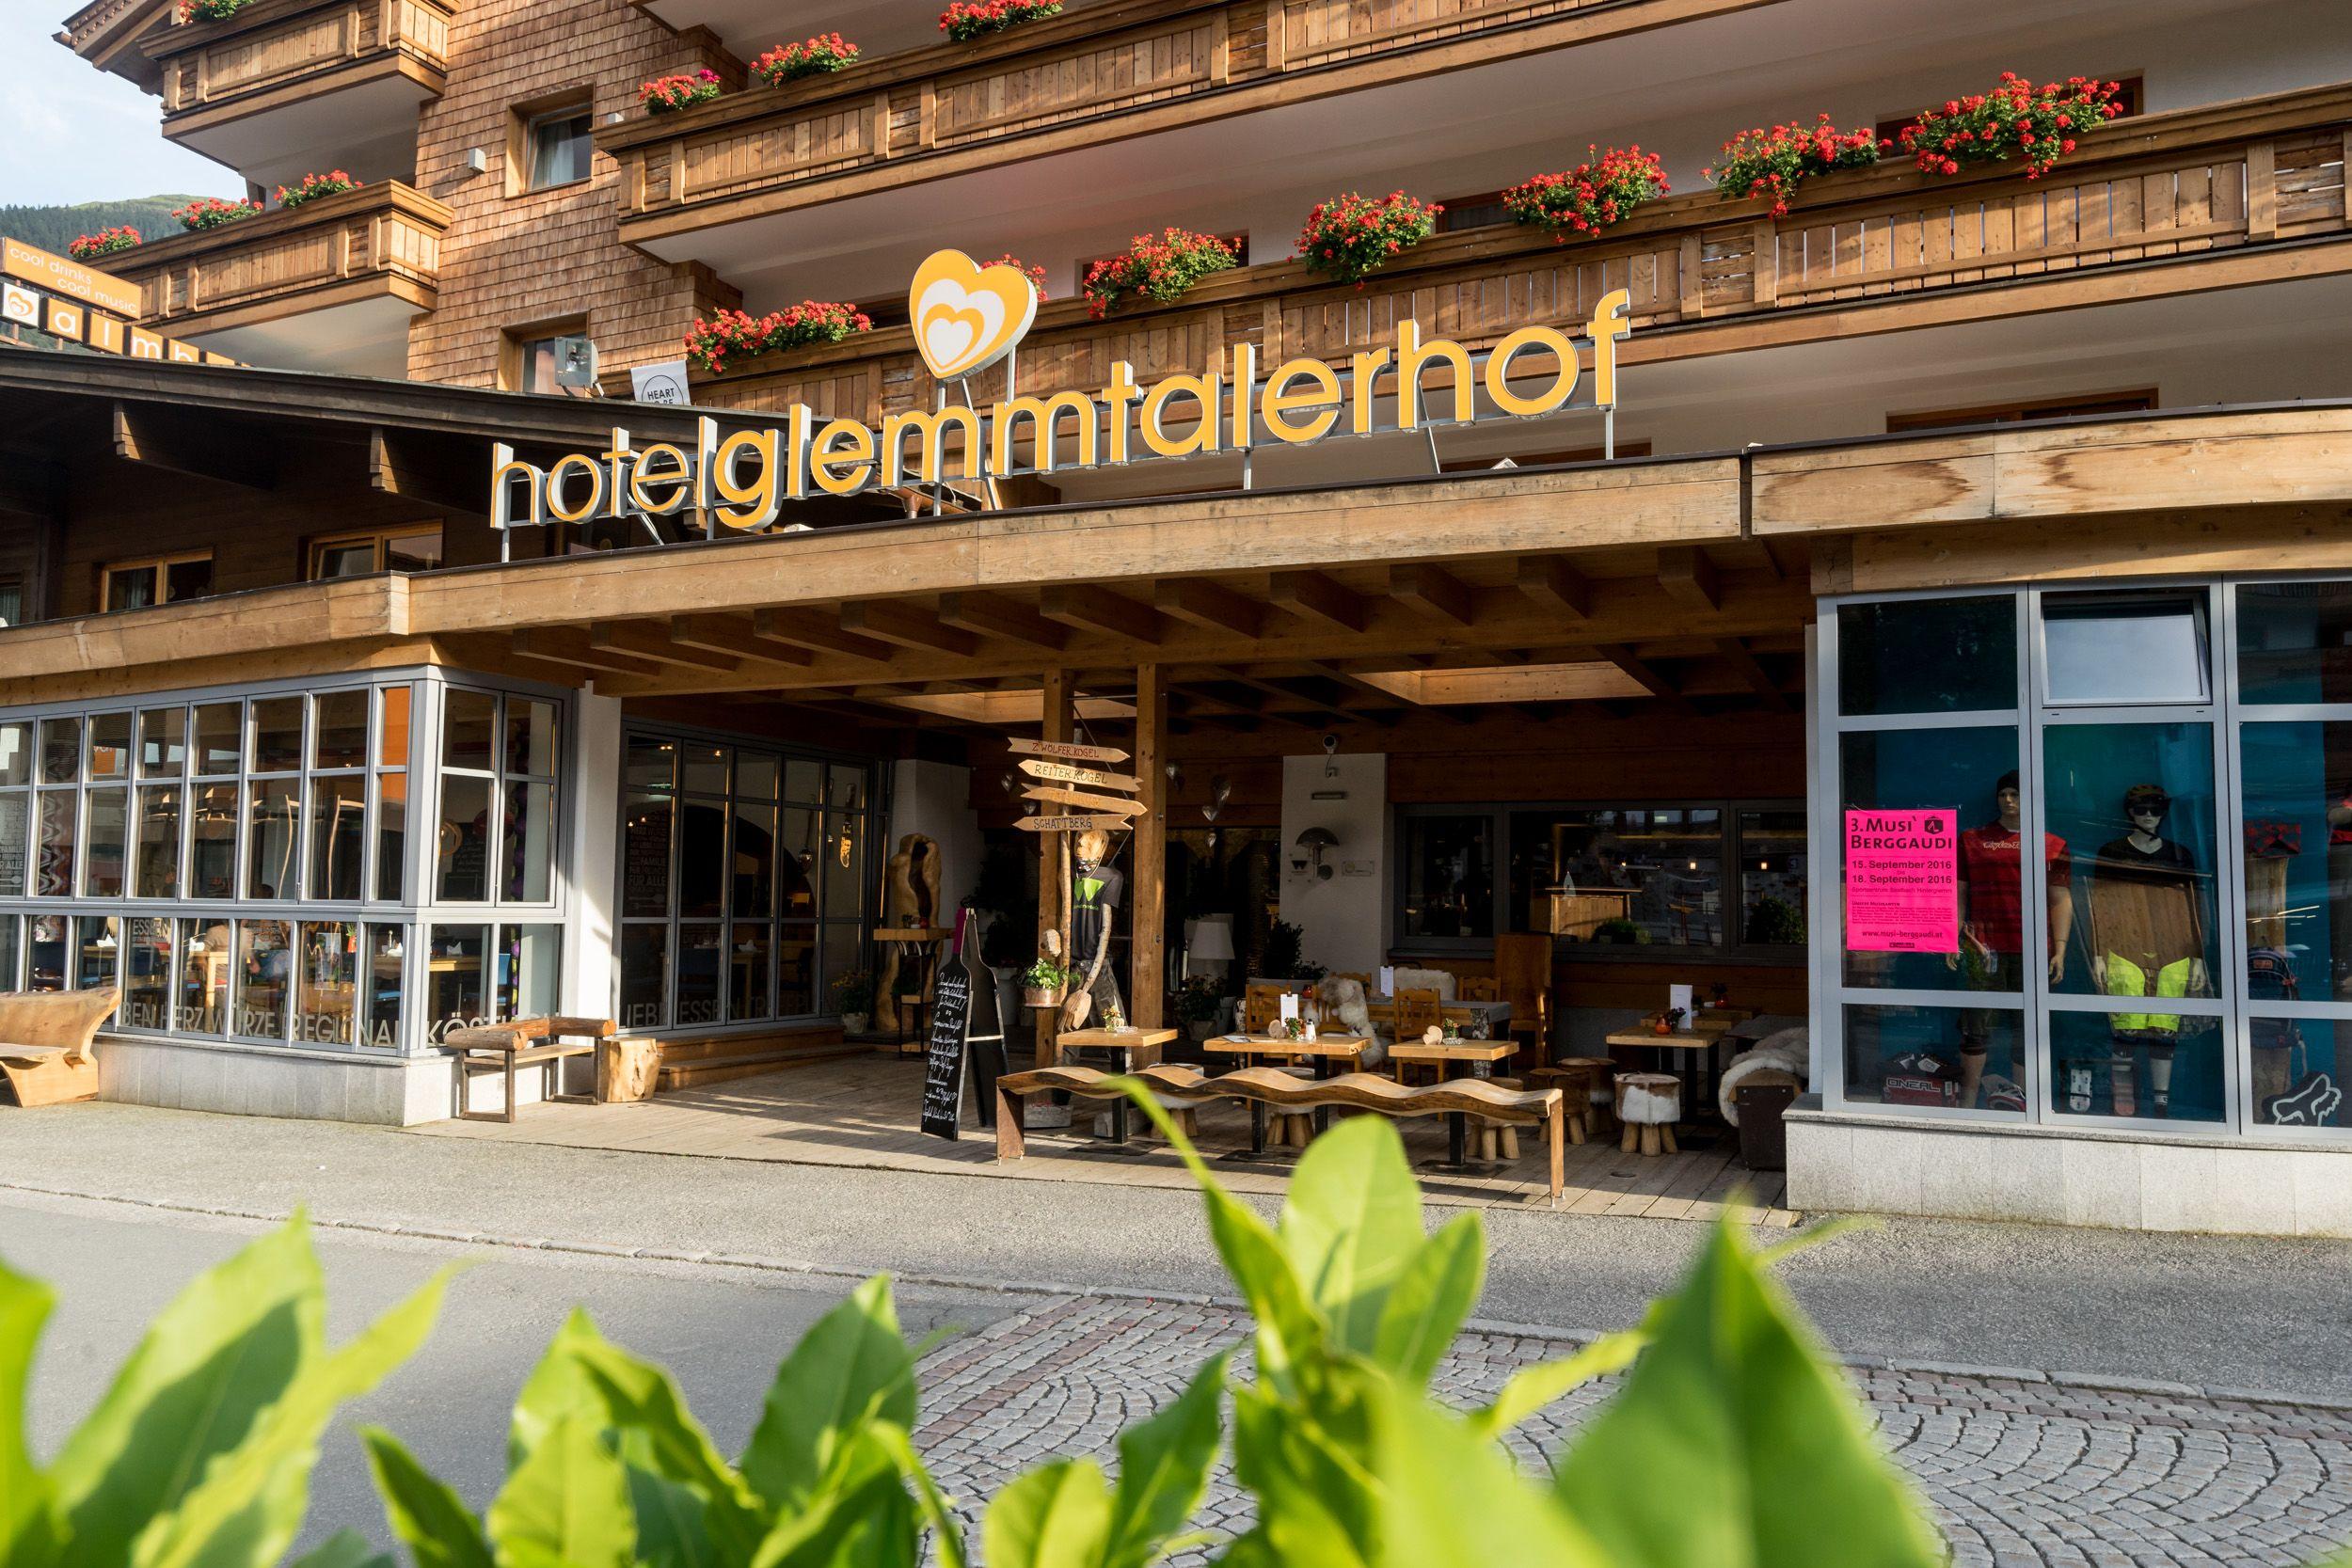 Außenansicht des Hotels Glemmtalerhof